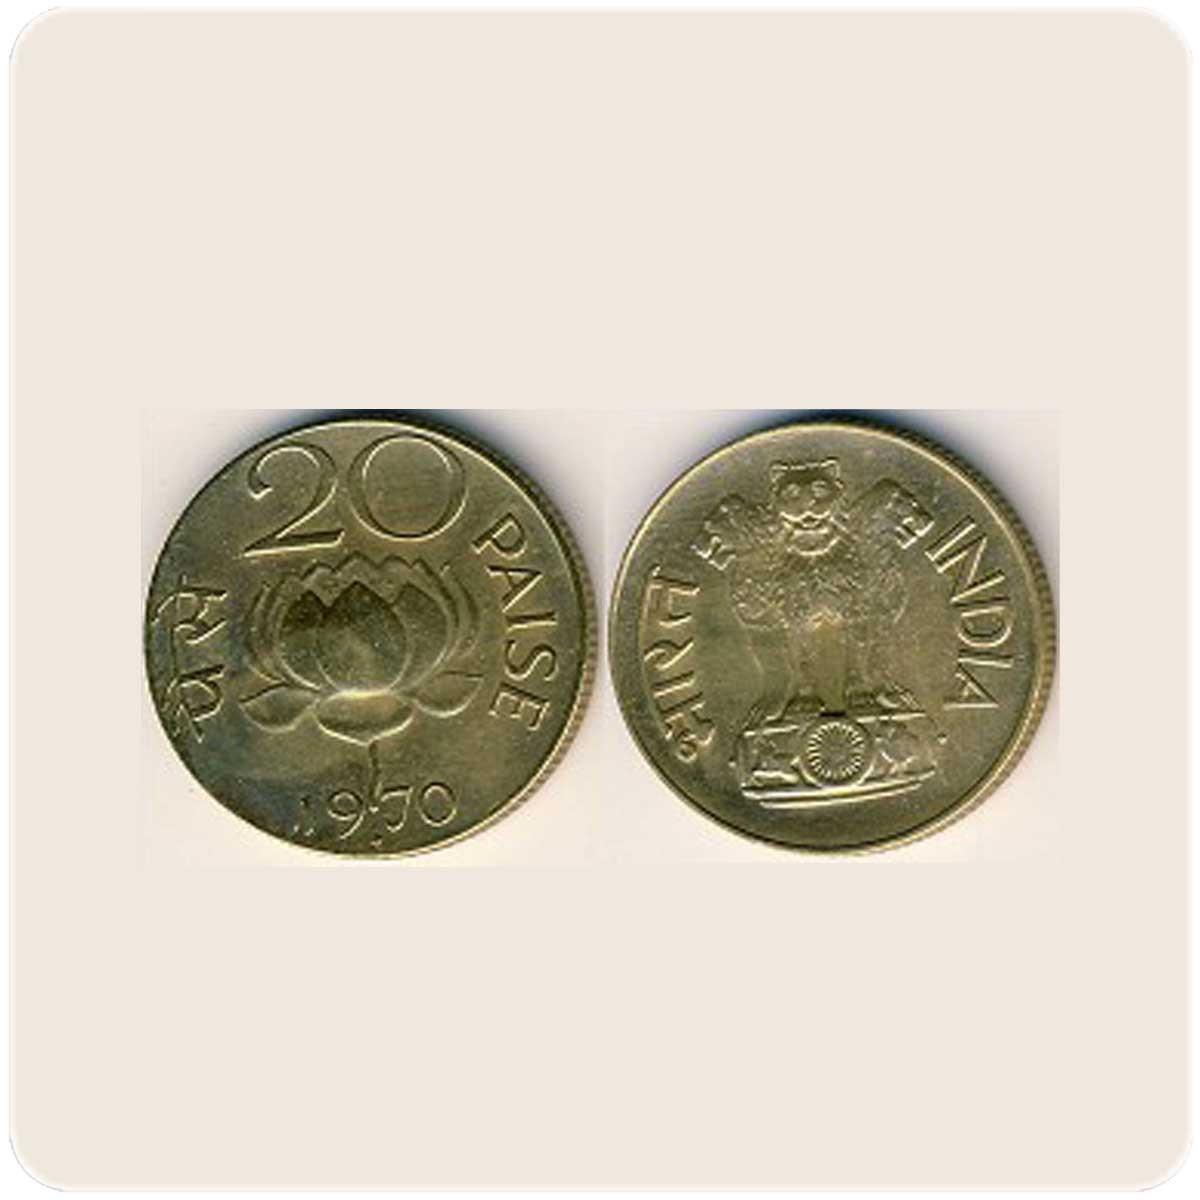 Индия 20 пайс 1970 года код 20095